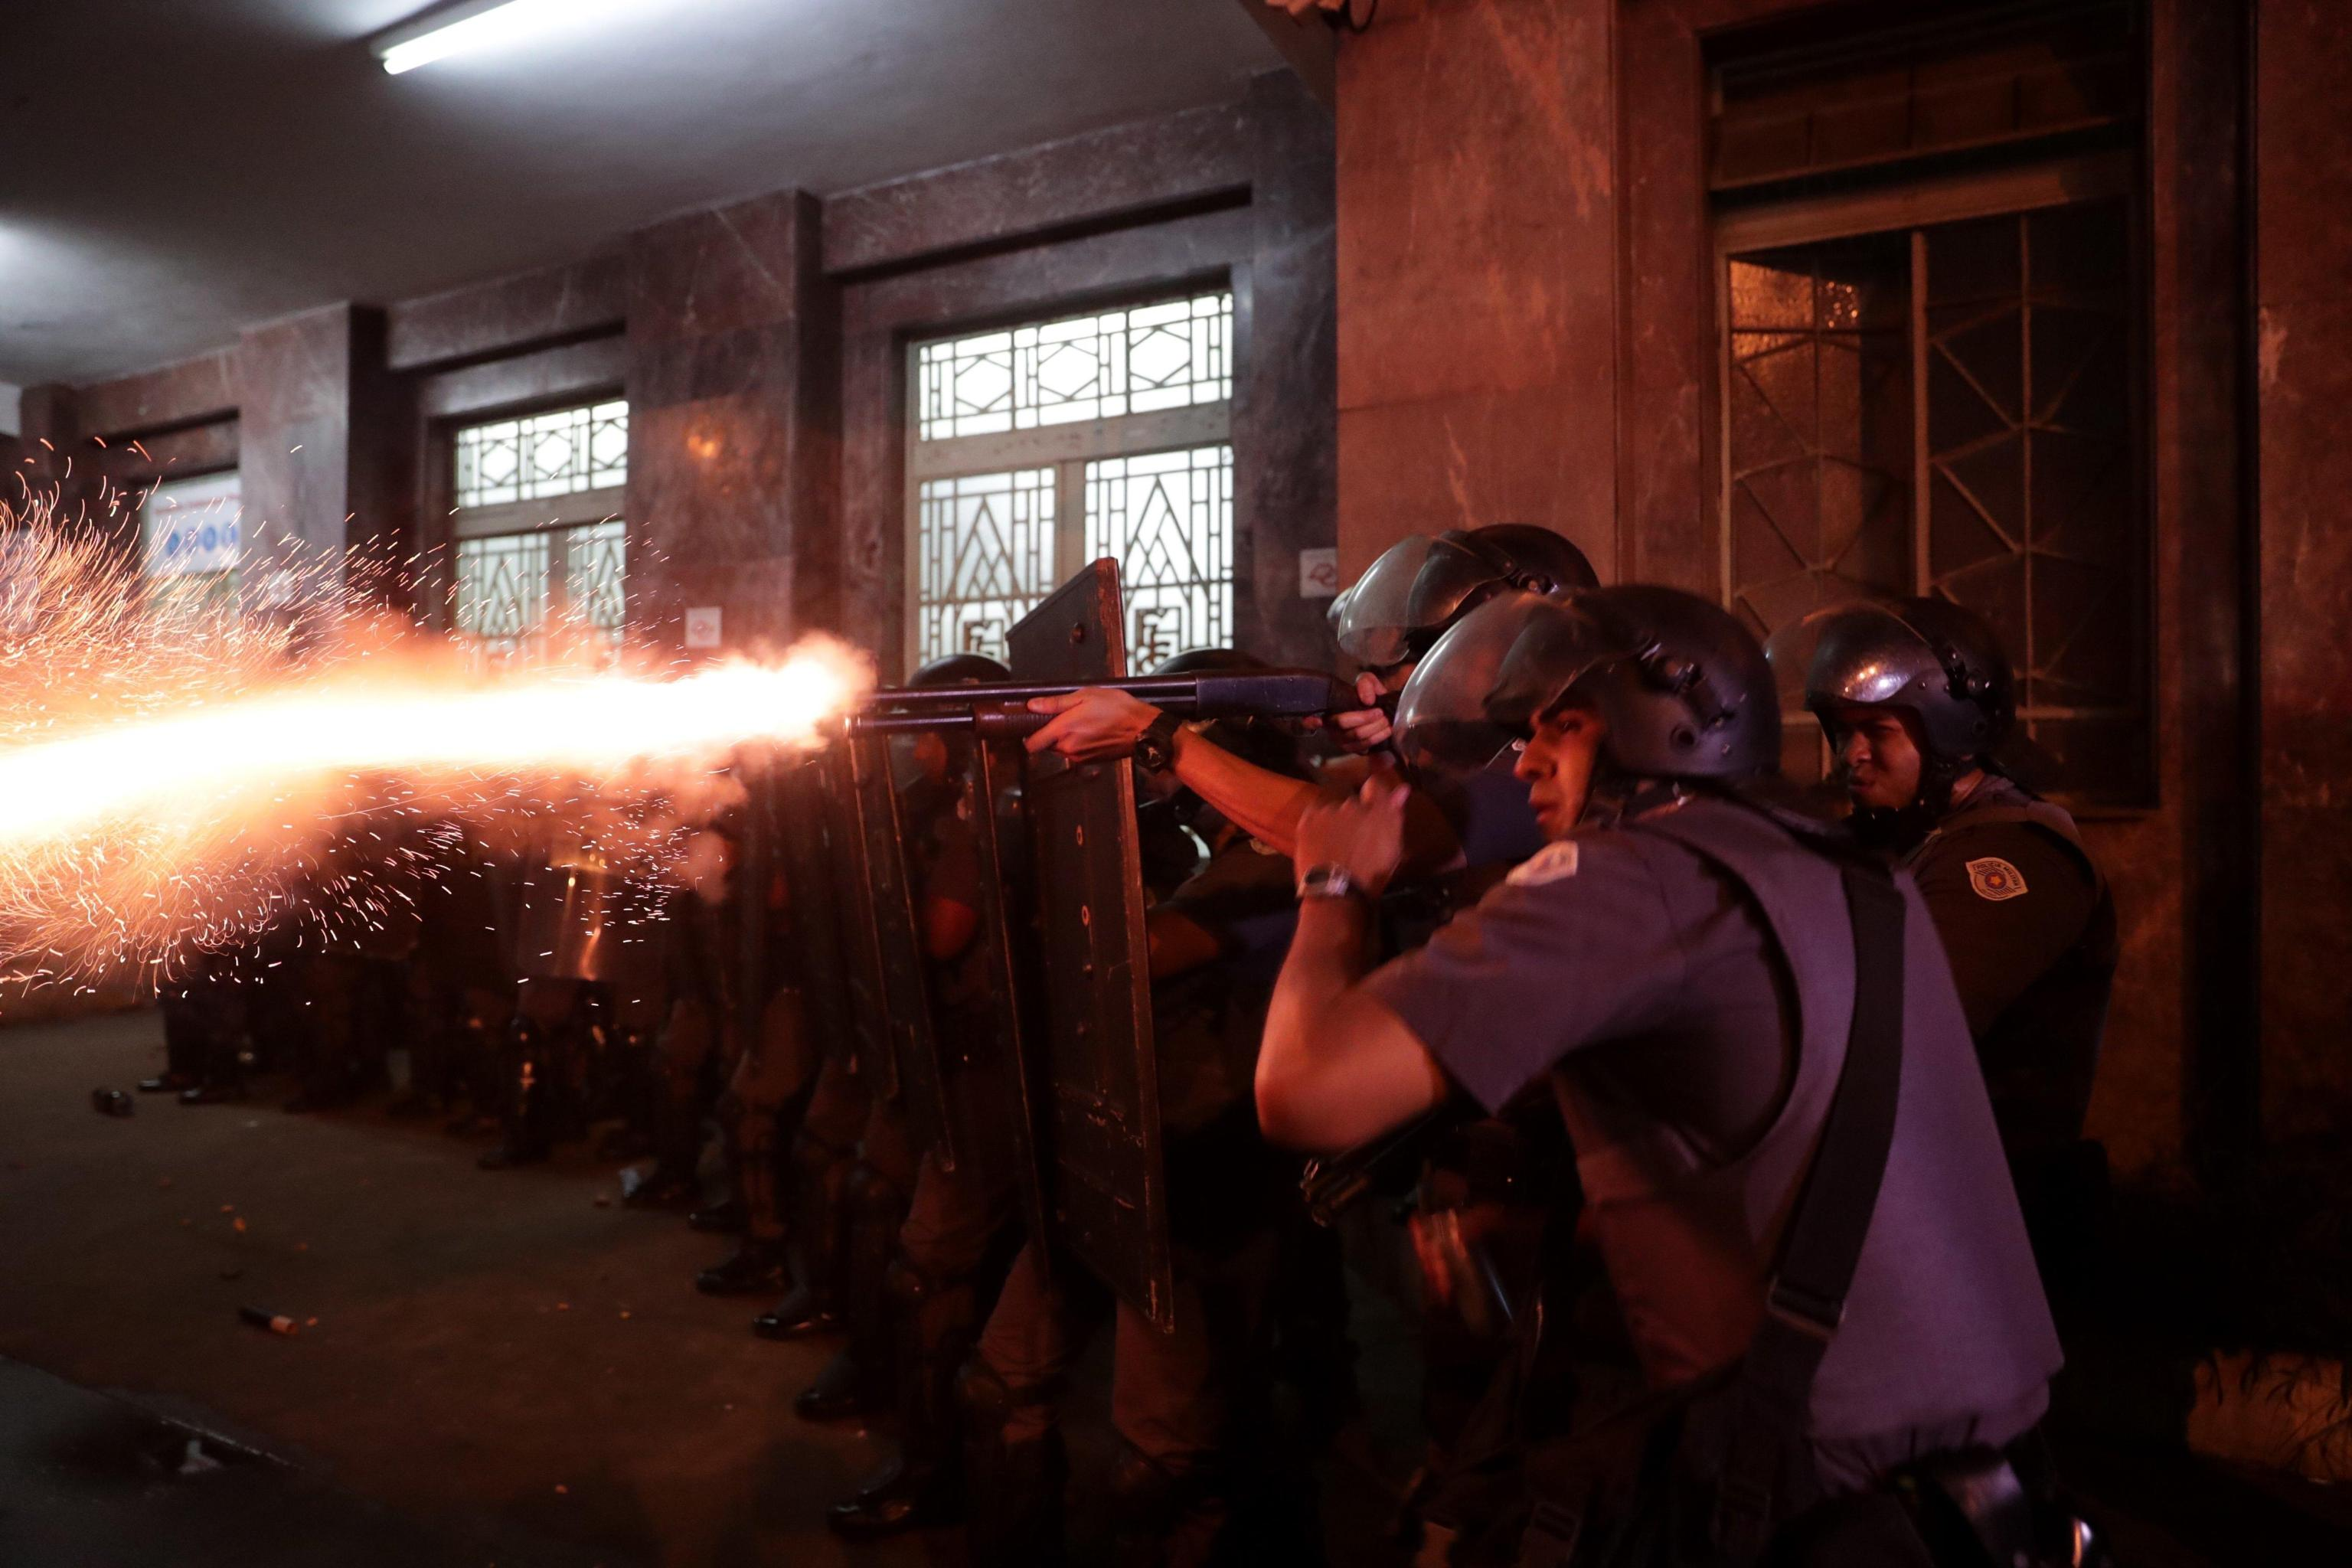 Un momento degli scontri tra manifestanti e forze dell'ordine